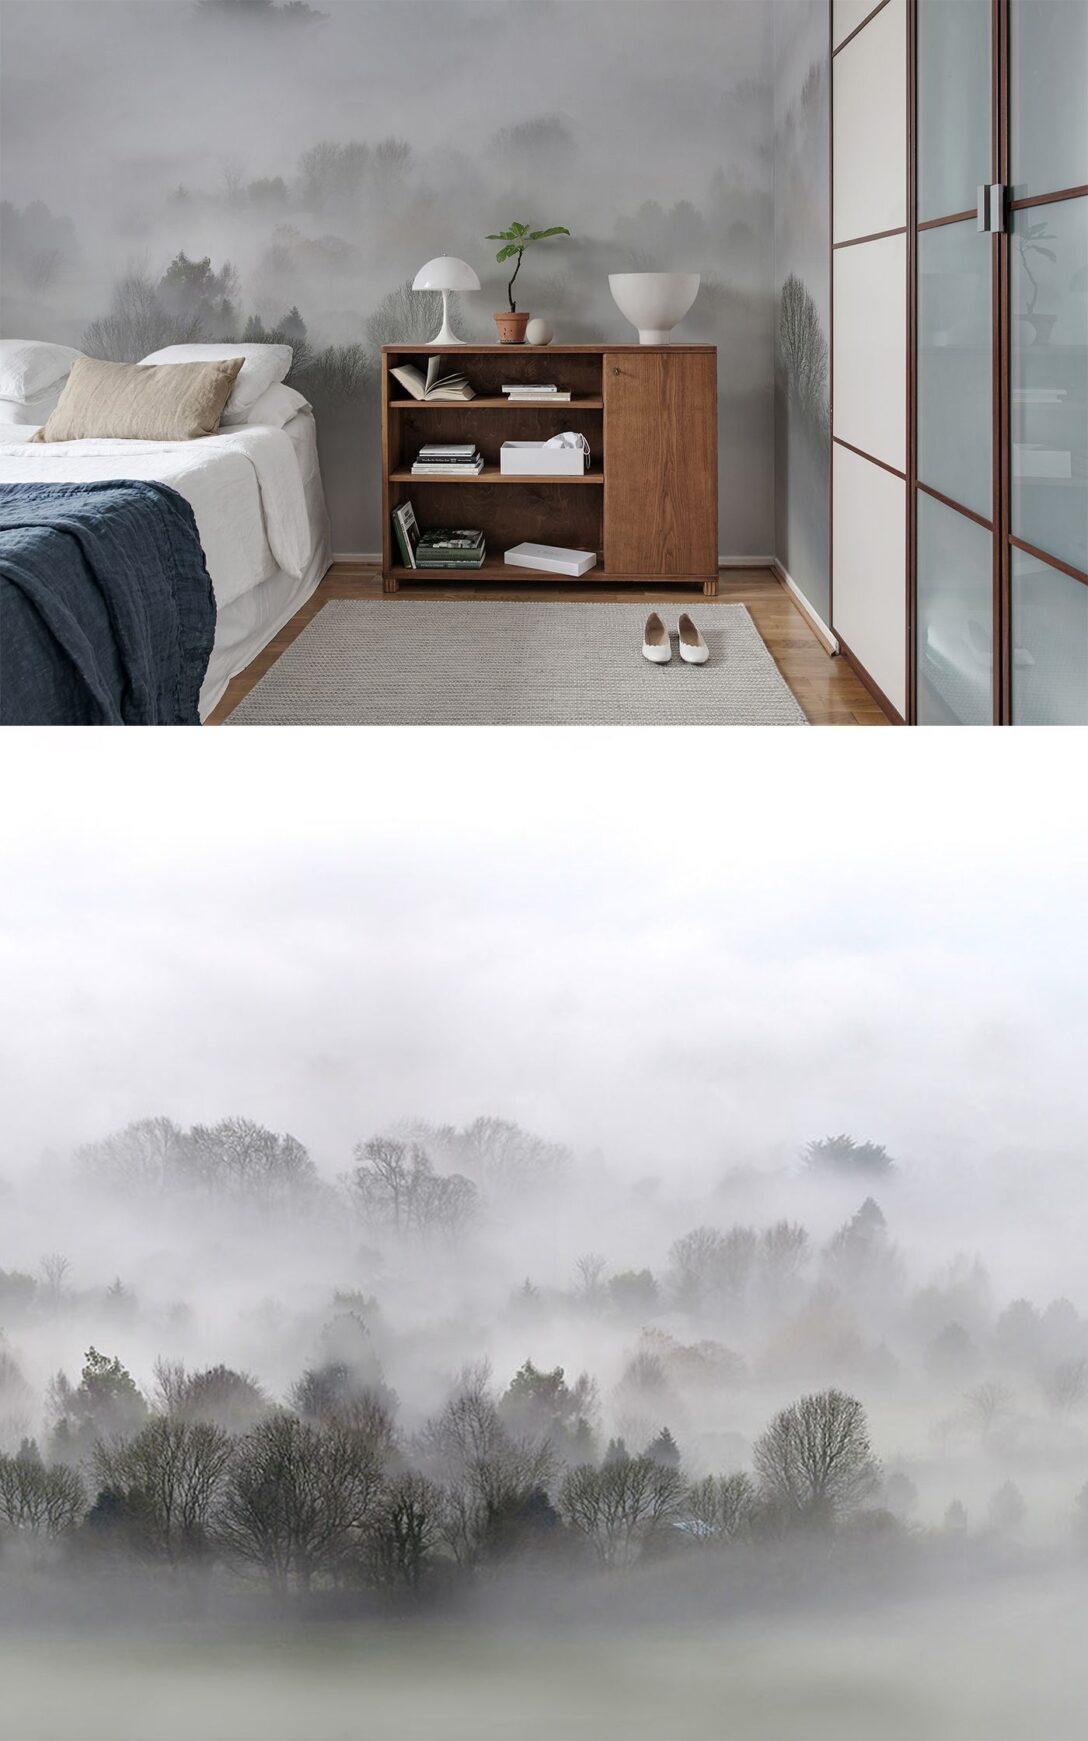 Large Size of Schlafzimmer Tapeten 2020 Morning Fog In Wohnzimmer Komplettangebote Deckenlampe Set Weiß Vorhänge Loddenkemper Sitzbank Gardinen Für Die Küche Günstig Wohnzimmer Schlafzimmer Tapeten 2020